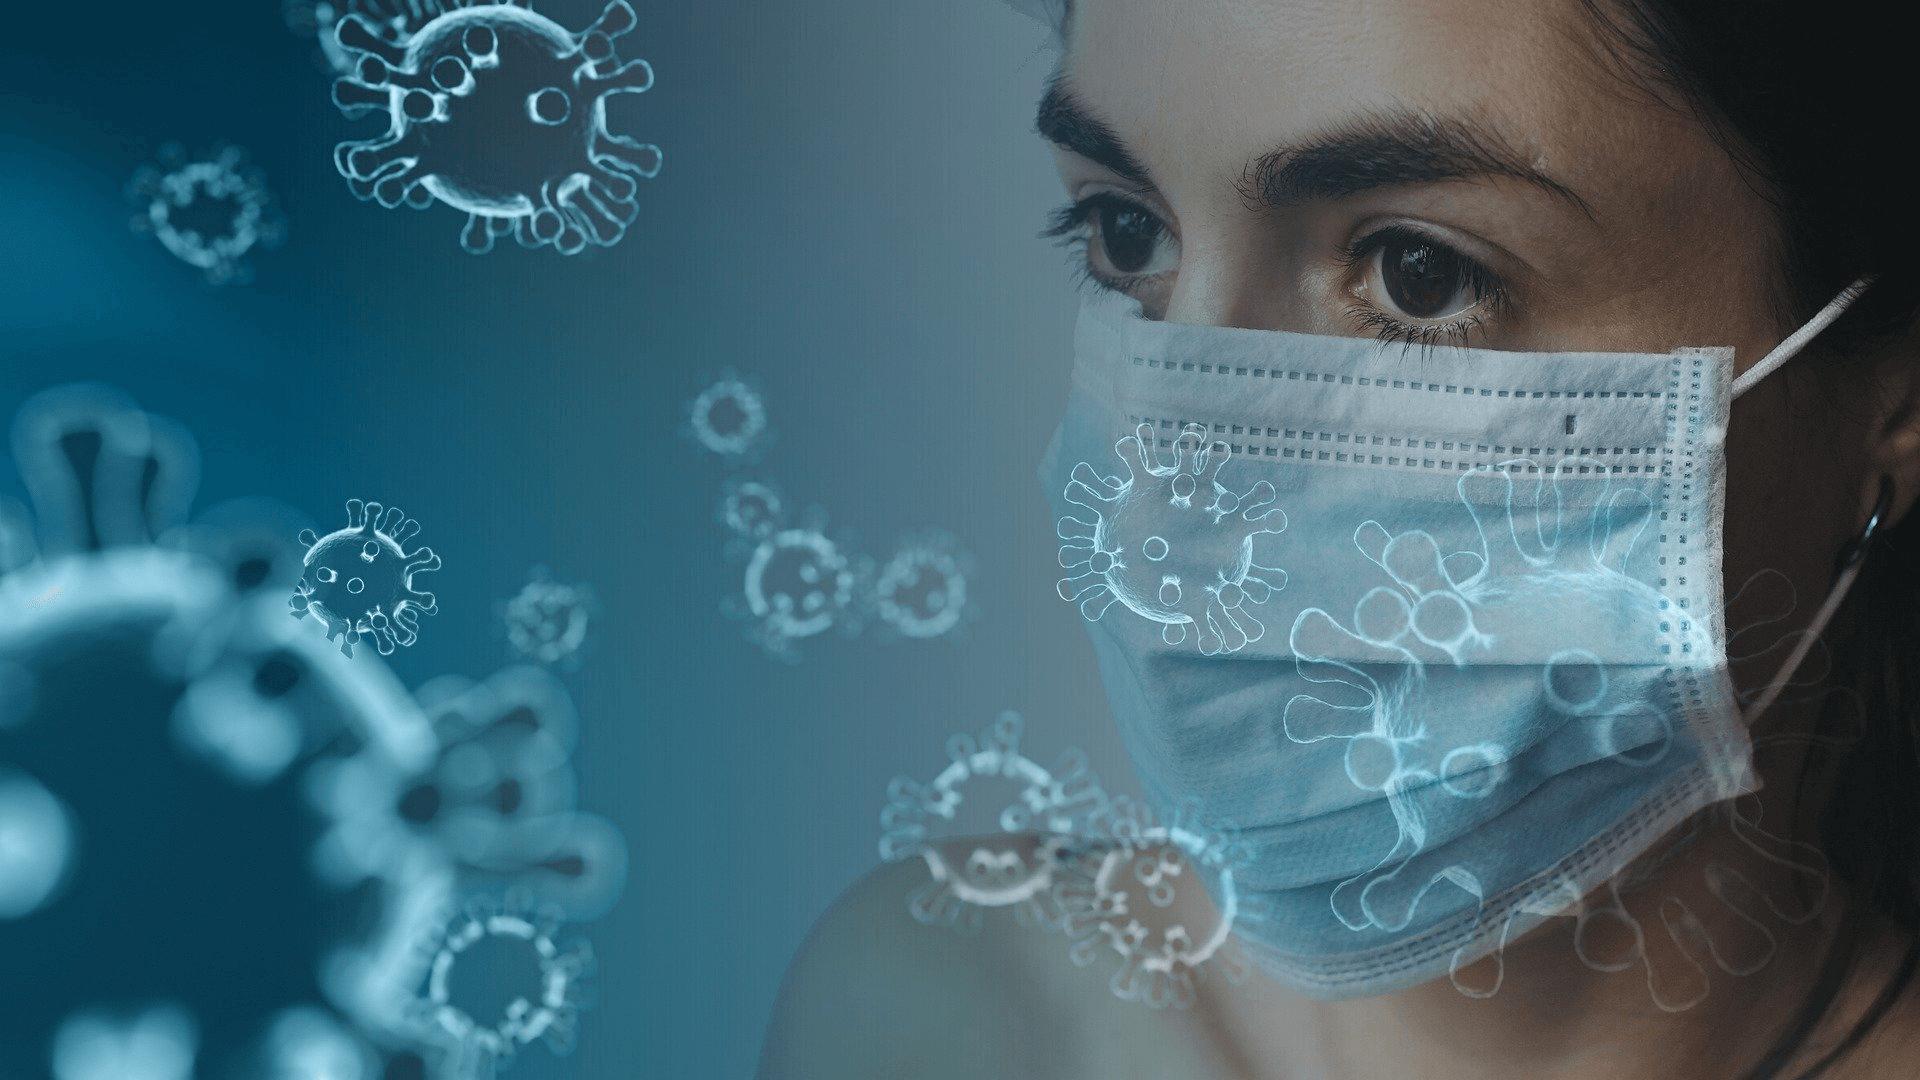 A infecção pelo corona virus trouxe à tona o uso frequente da palavra anosmia e hiposmia, mas você sabe o que elas significam?